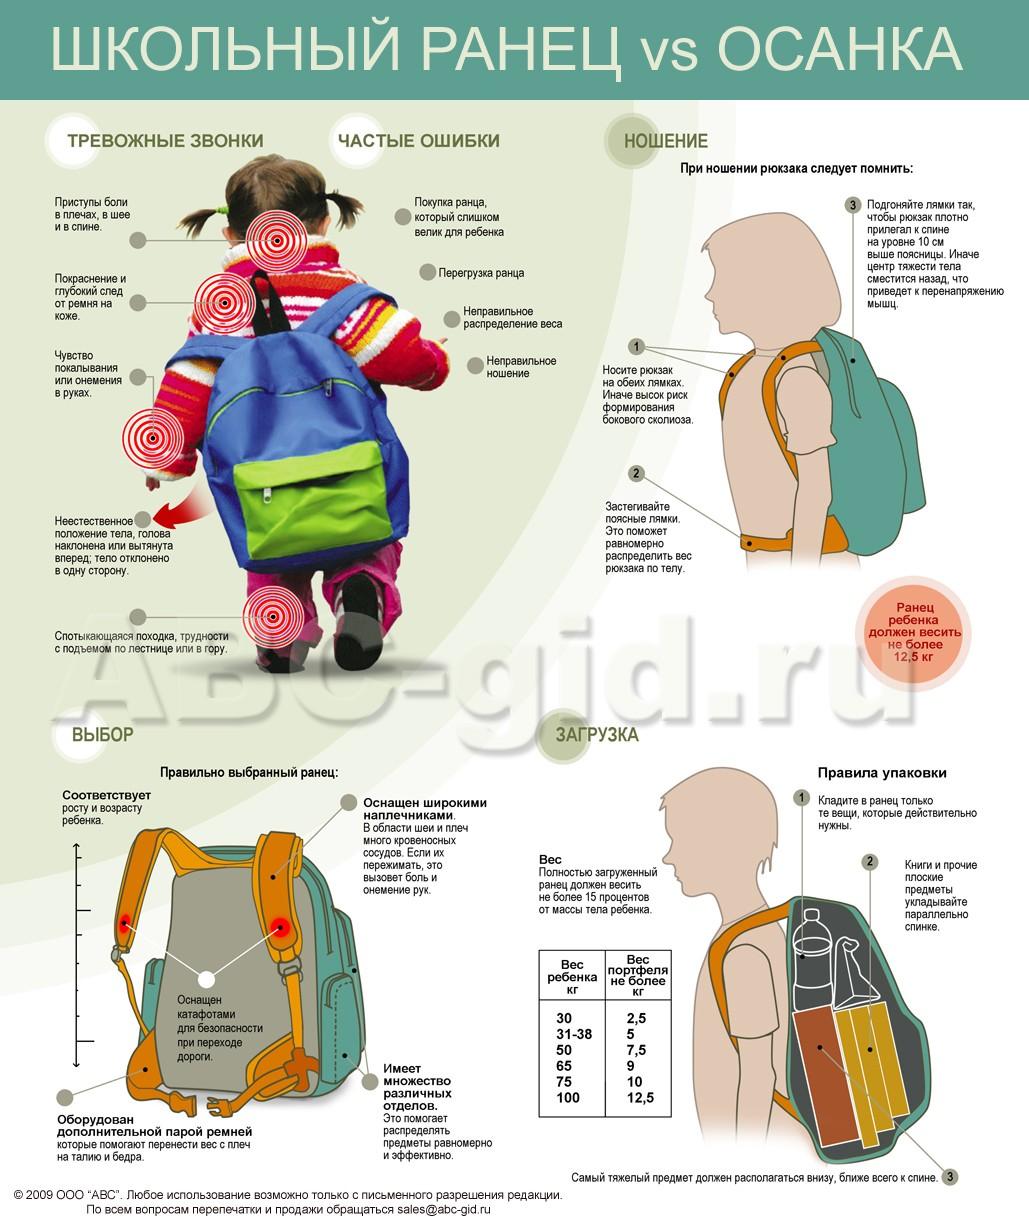 Как правильно подобрать рюкзак рюкзак site izhevsk.ru/forummessage/135